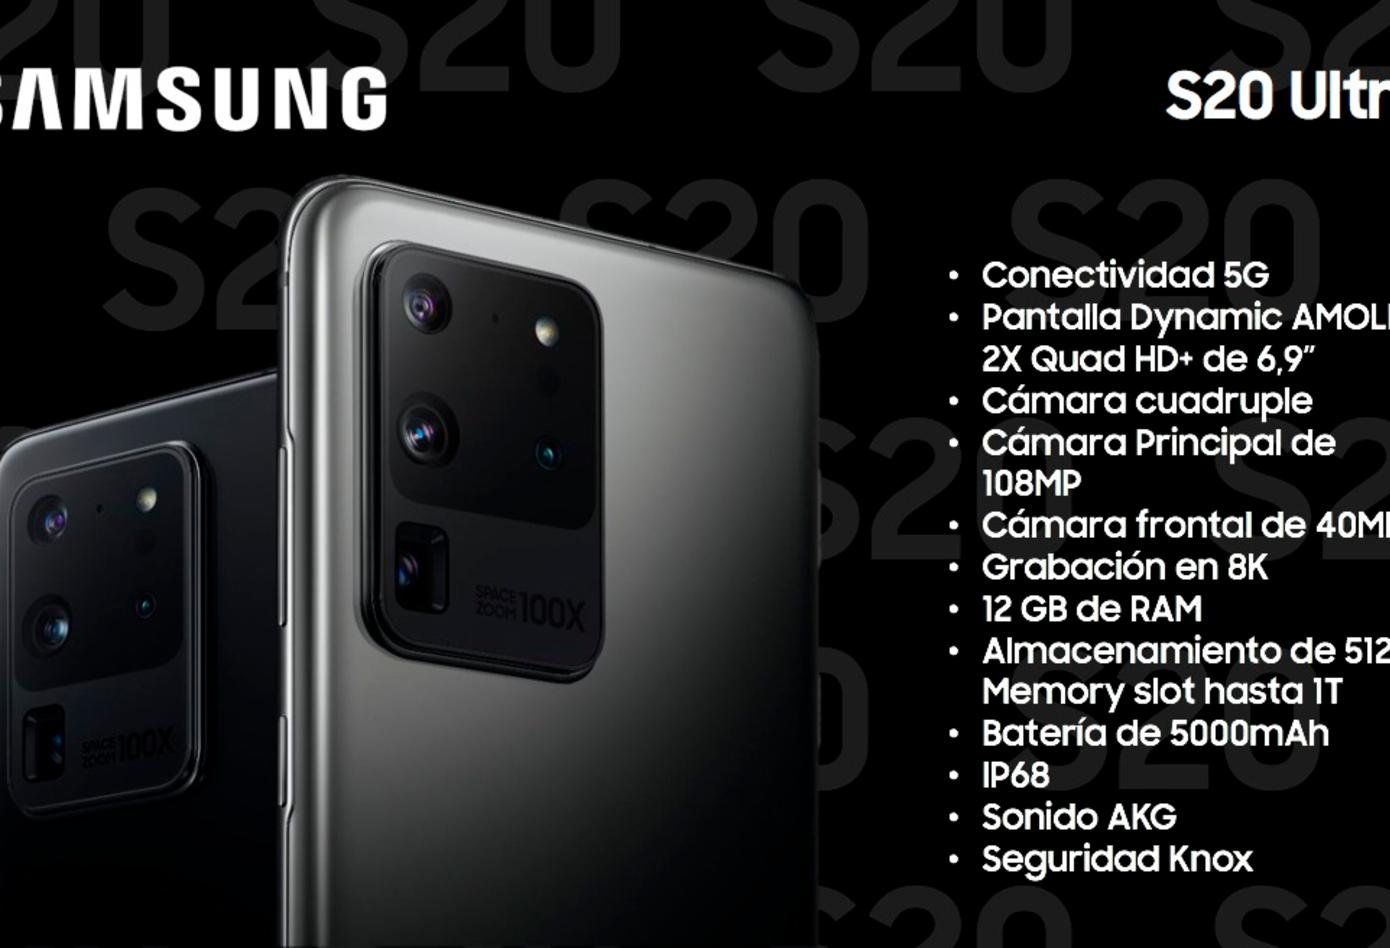 Samsung S20, el nuevo teléfono de la linea S